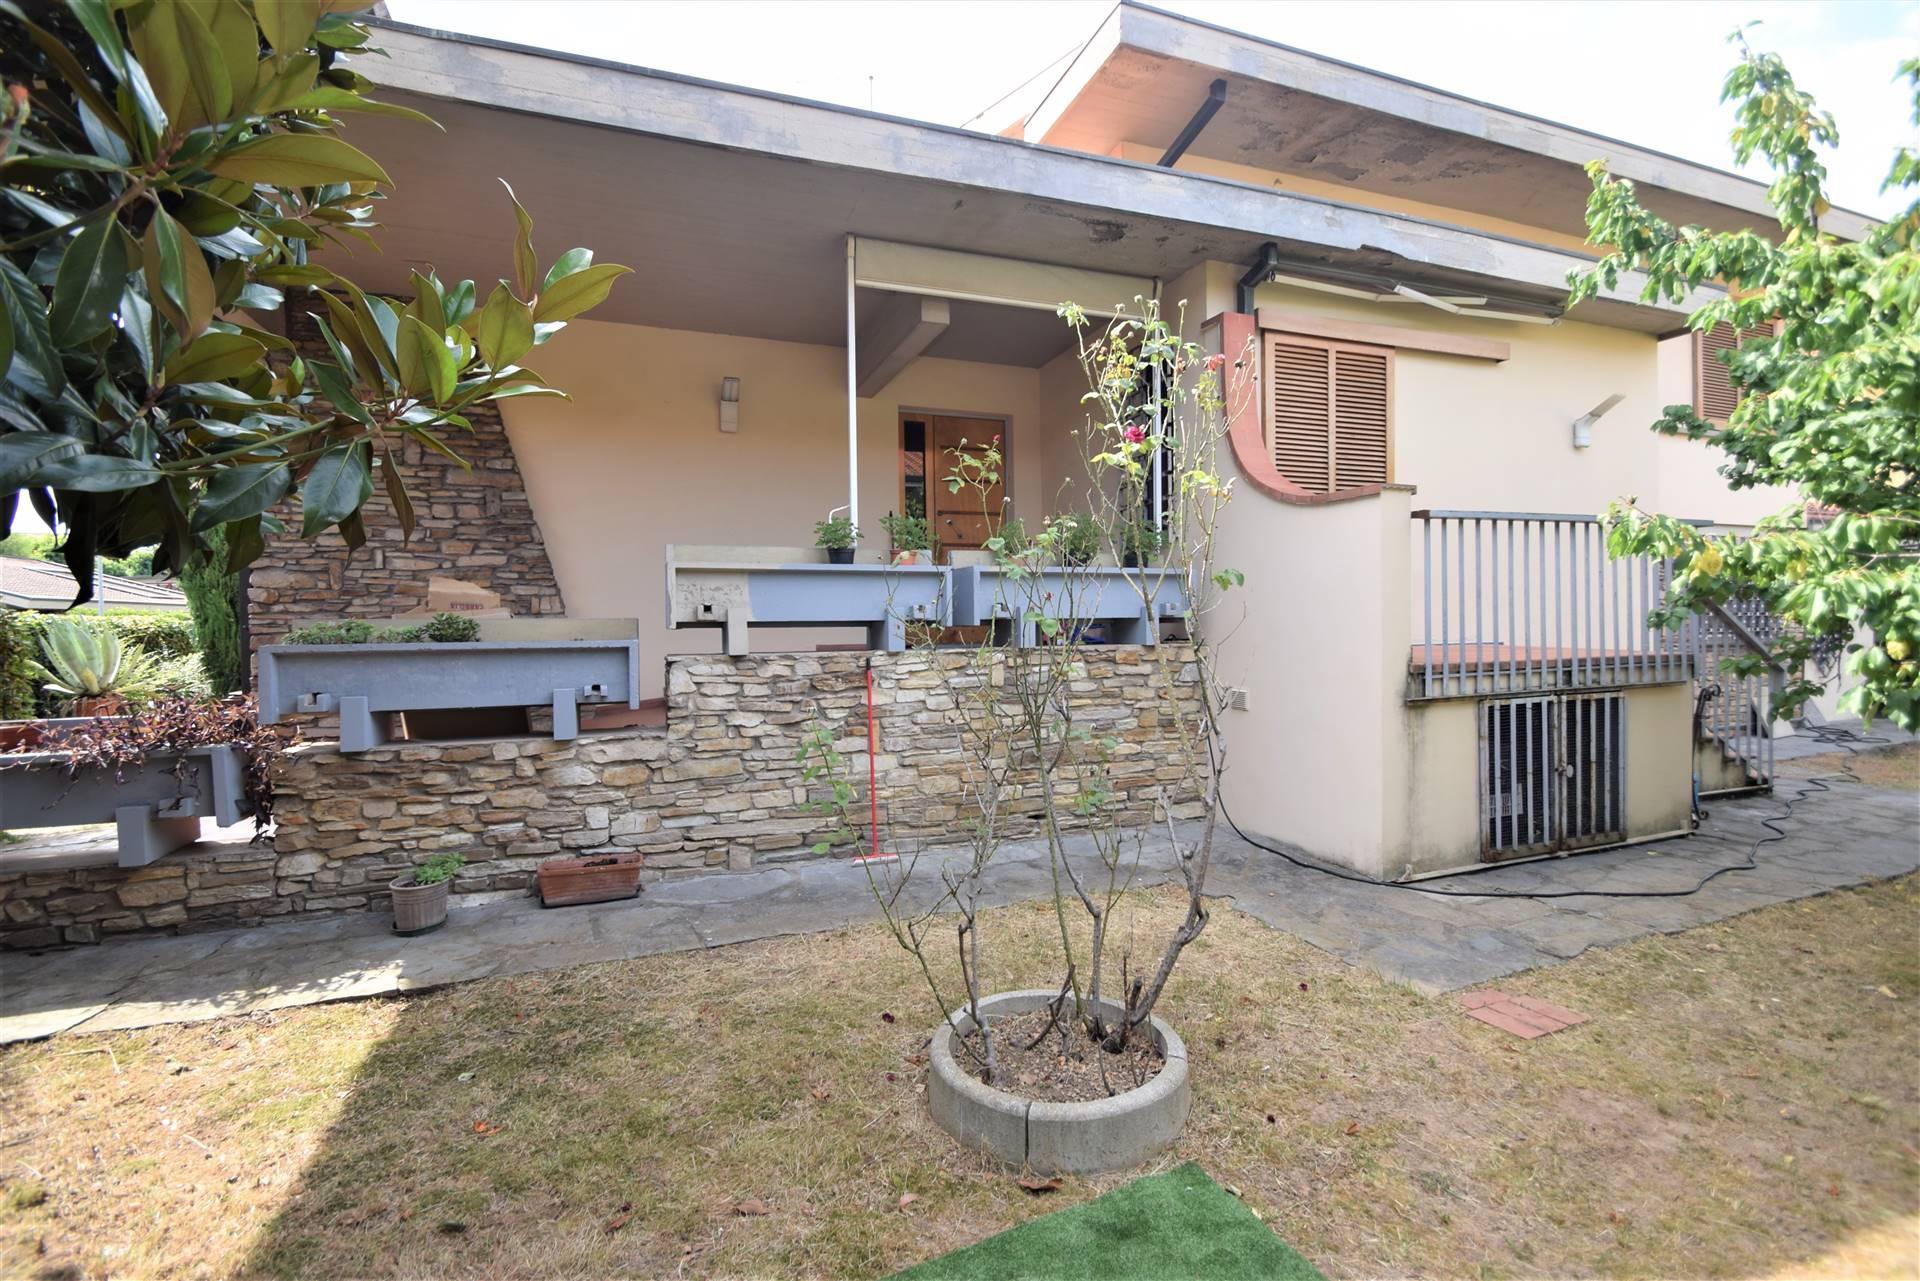 Villa in vendita a Pieve a Nievole, 10 locali, prezzo € 450.000 | CambioCasa.it